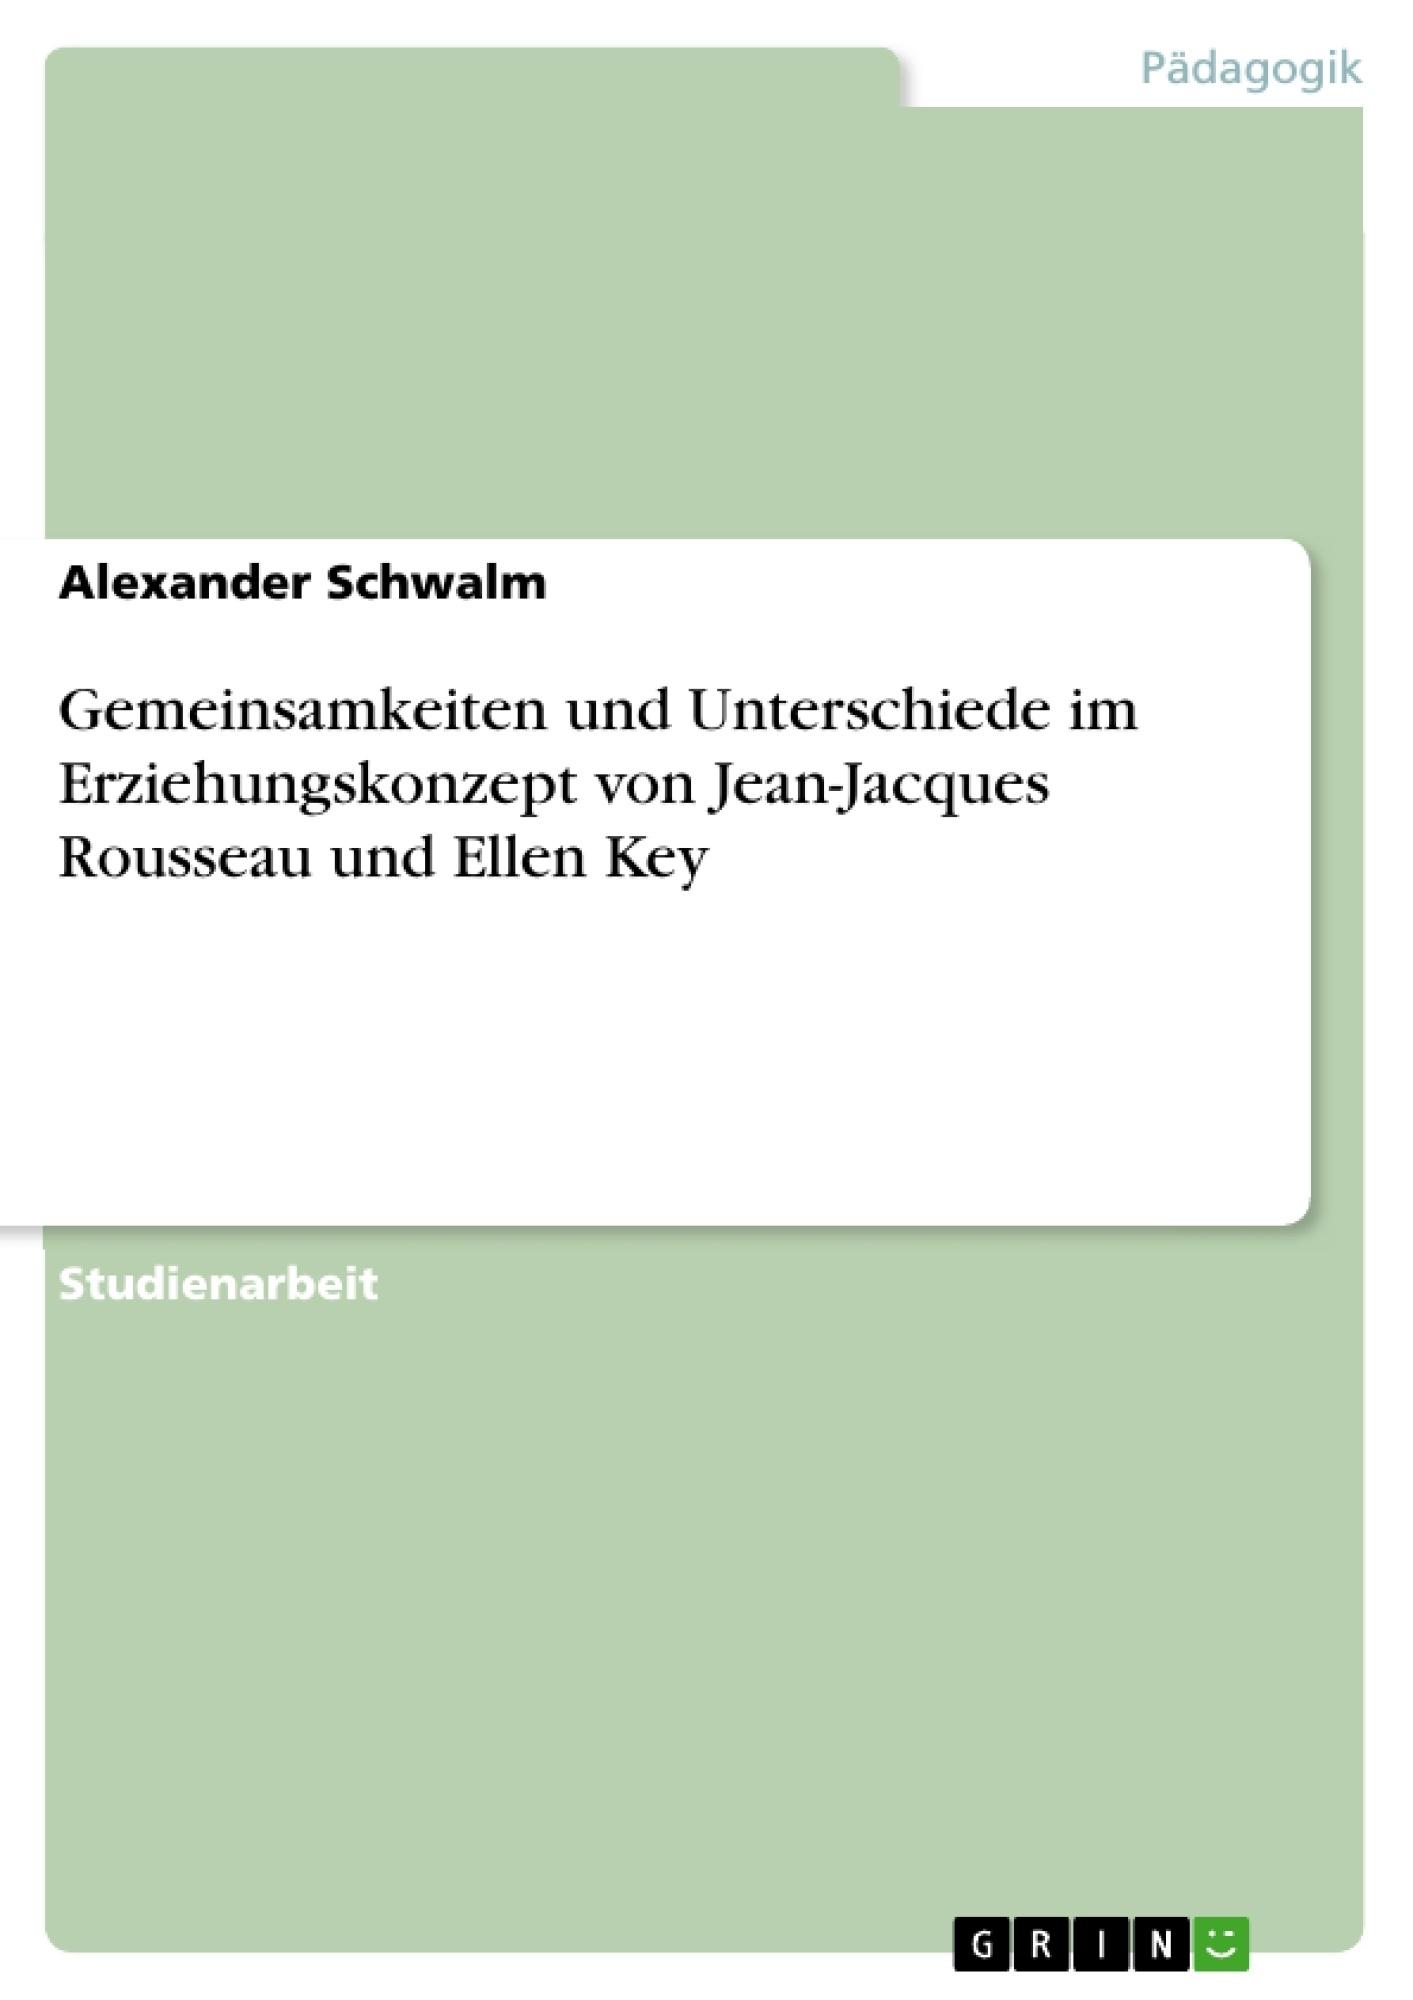 Titel: Gemeinsamkeiten und Unterschiede im Erziehungskonzept von Jean-Jacques Rousseau und Ellen Key